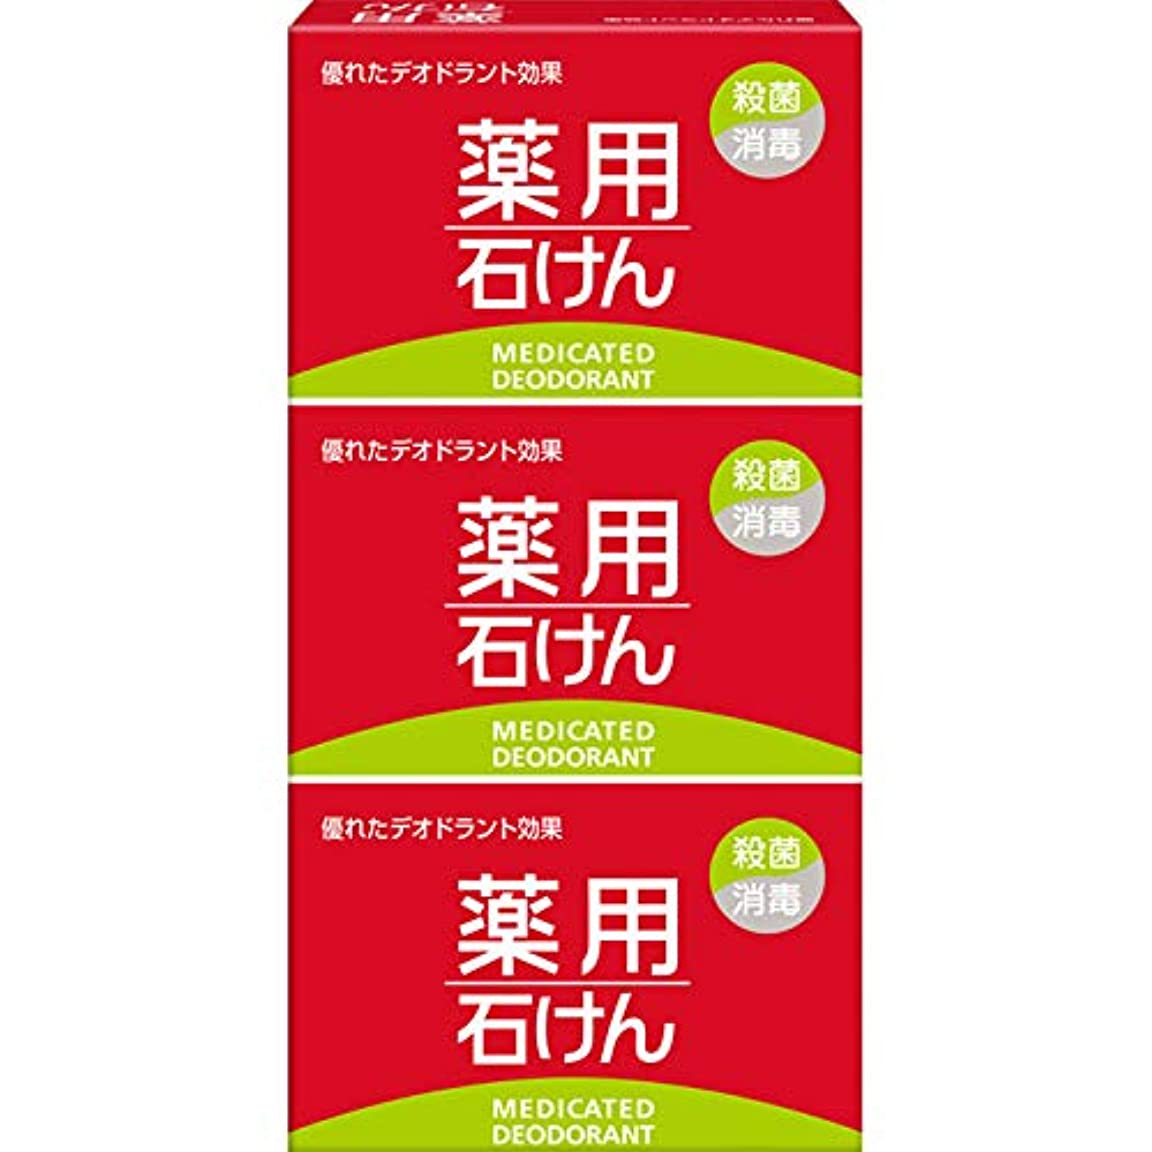 元気グッゲンハイム美術館不健康MK 薬用石けん 100g×3個 (医薬部外品)